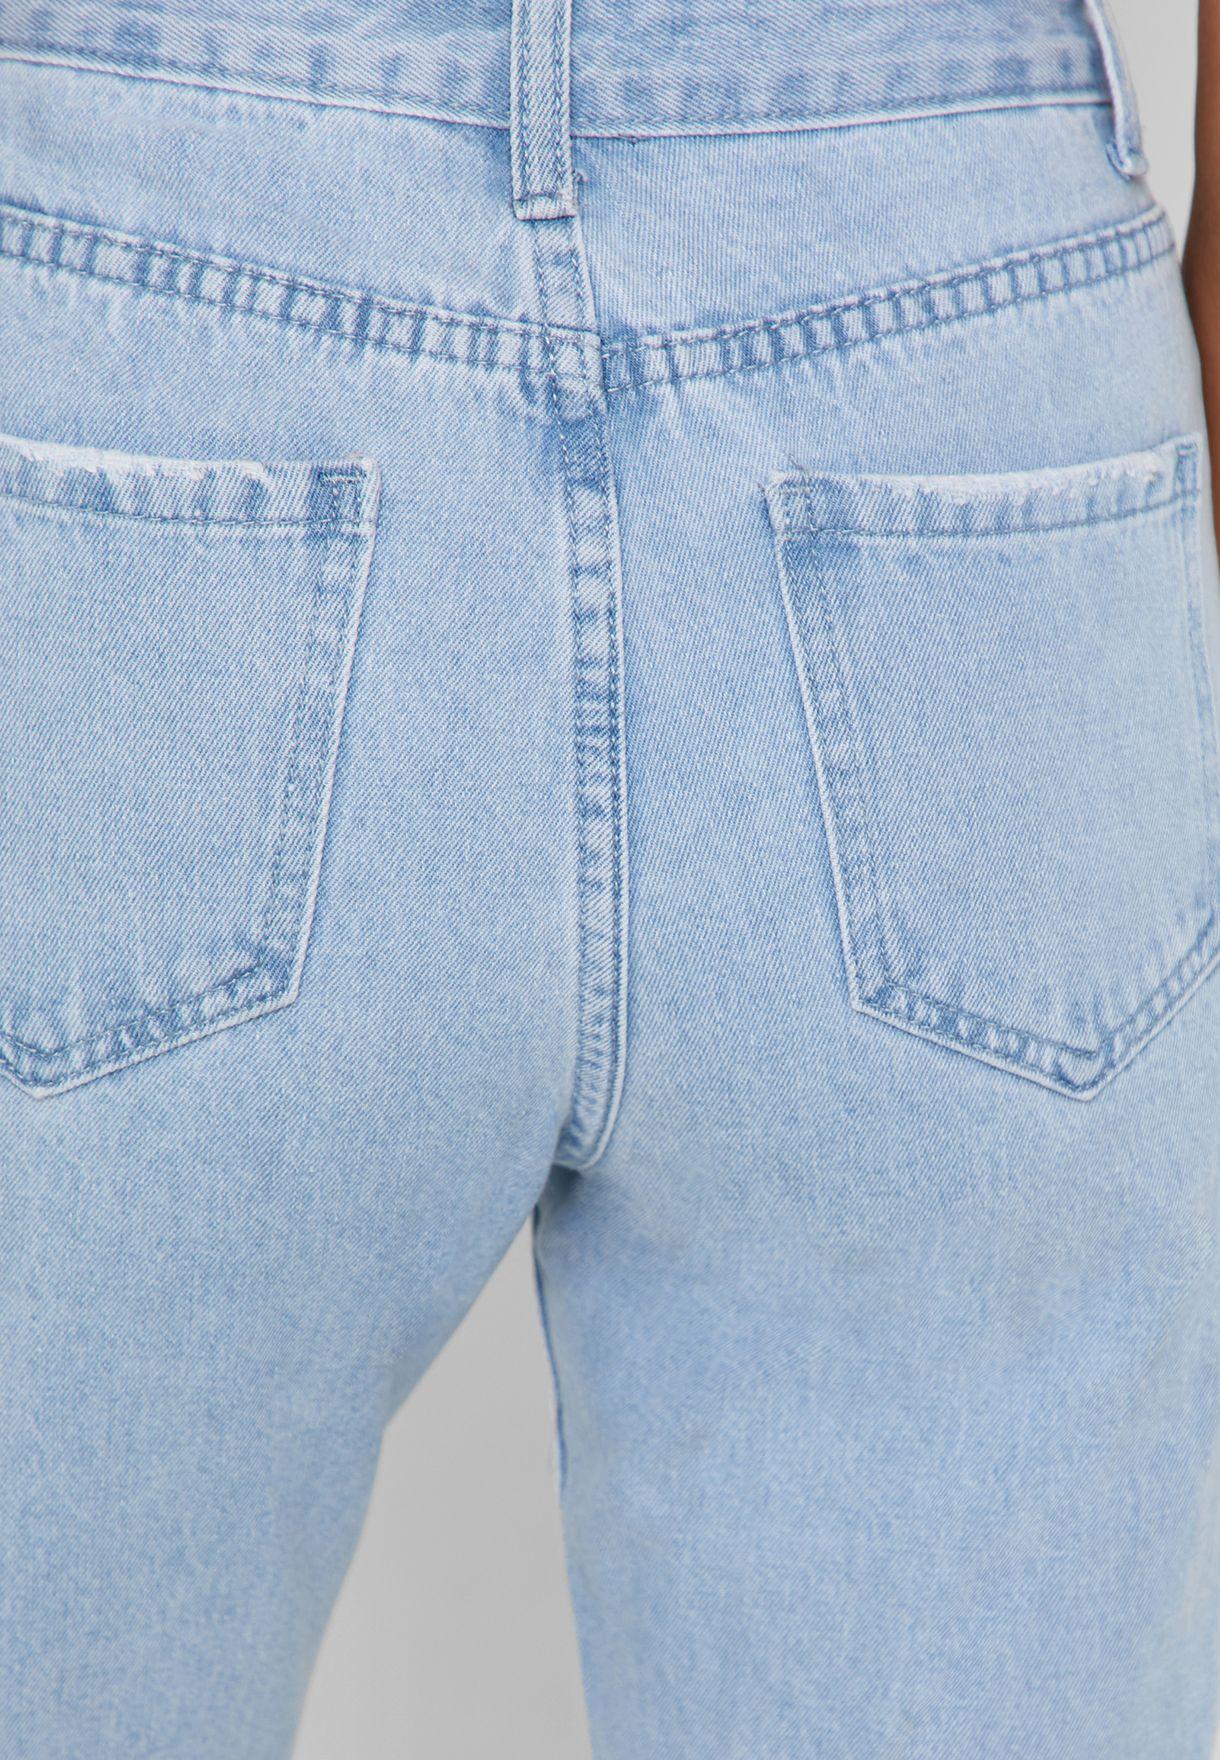 جينز بحواف غير مدروزة